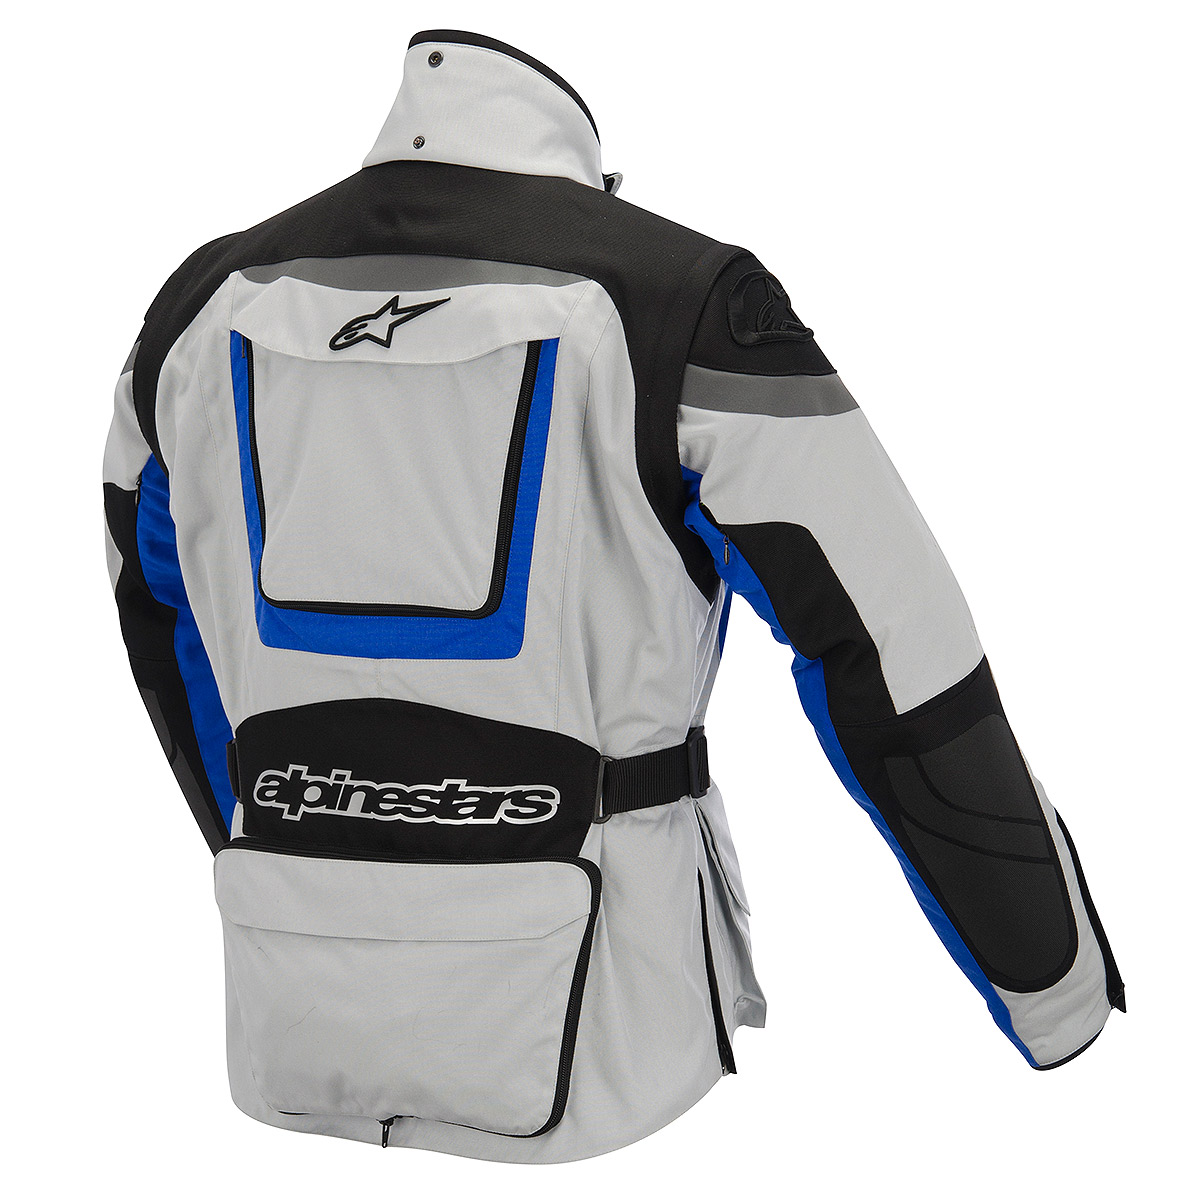 Jaqueta Alpinestars Calama Drystar WP (Cinza e azul/ MotoTurismo/ Impermeável e Respirável)  - Super Bike - Loja Oficial Alpinestars